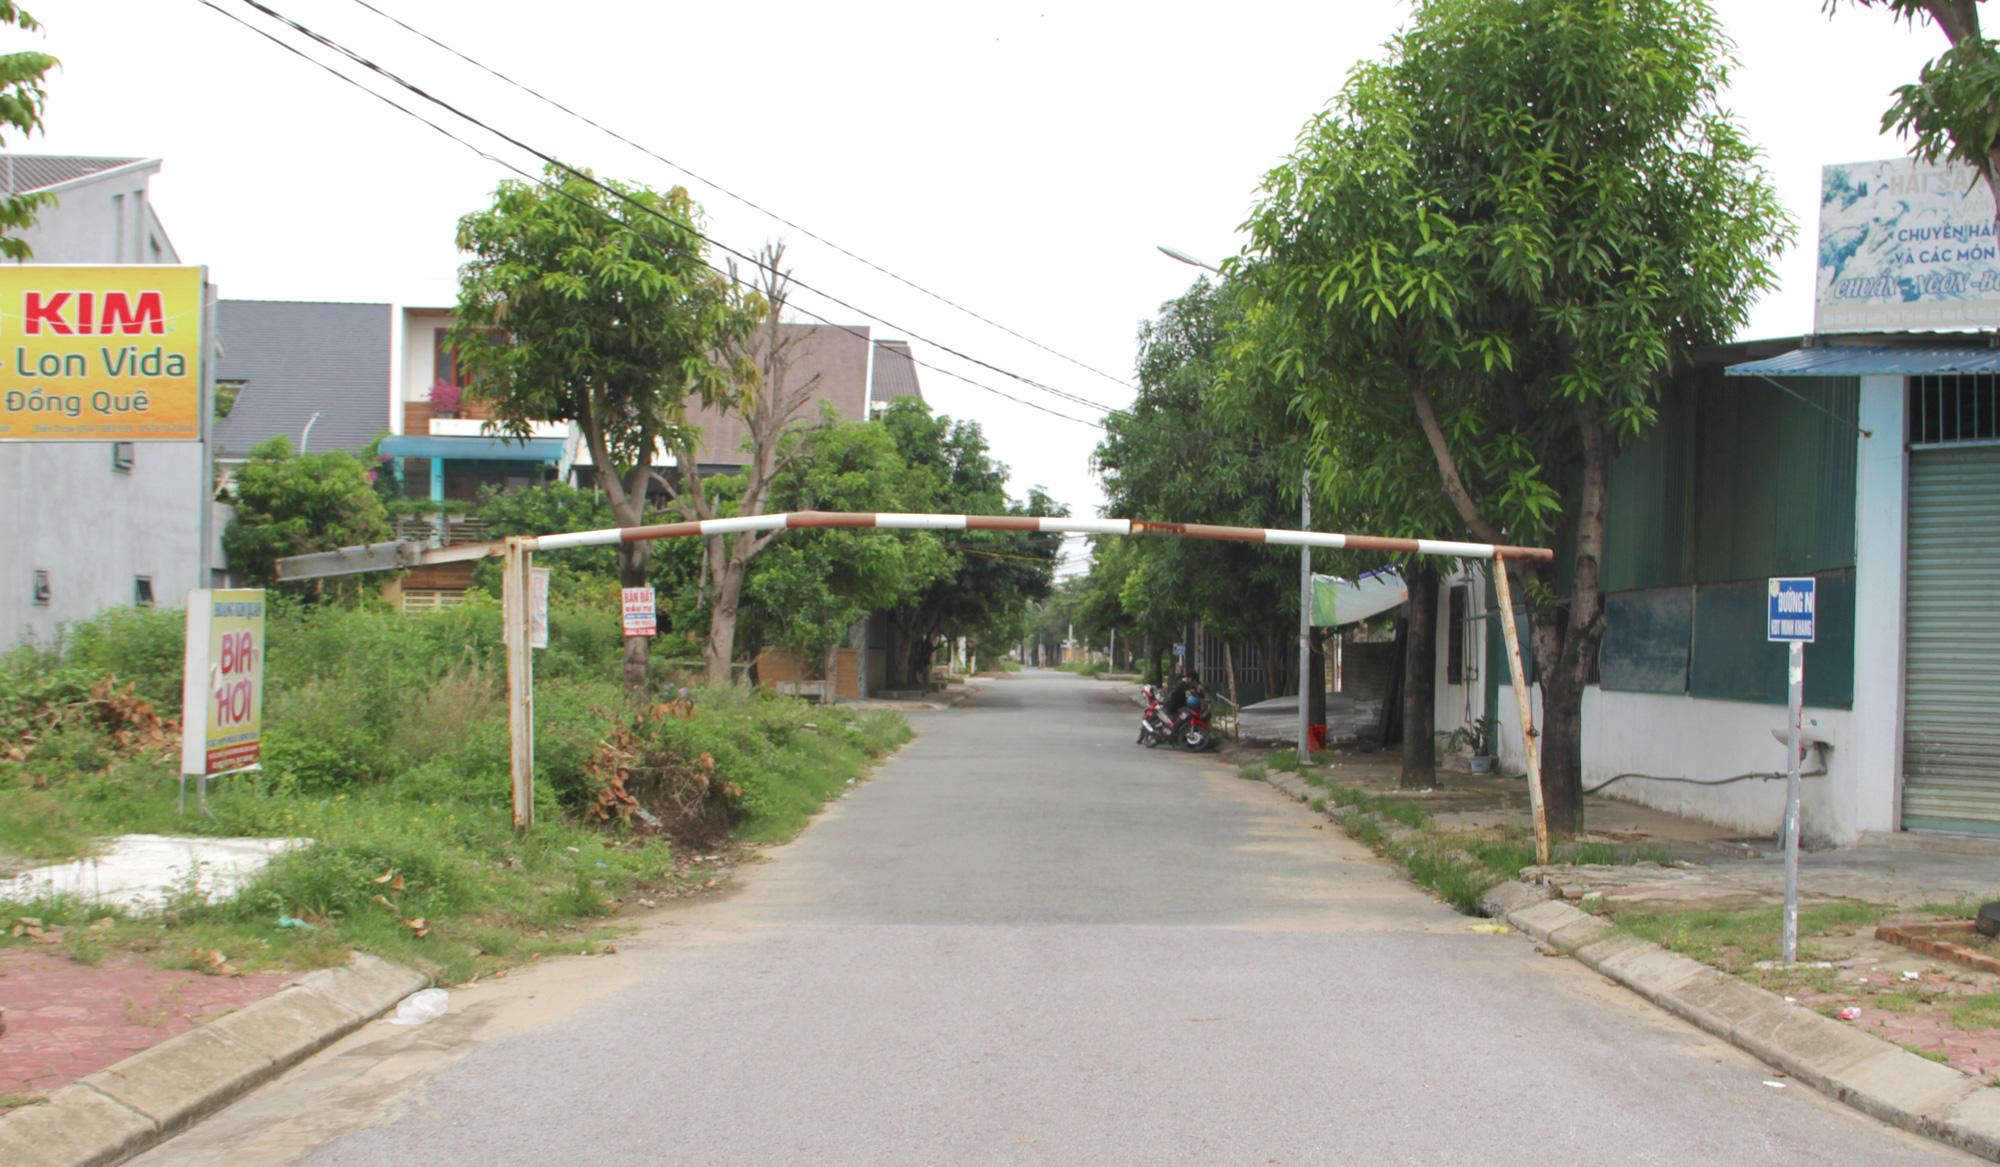 Cận cảnh khu đô thị vip ở Nghệ An khiến 2 vợ chồng đại gia bị bắt giam - Ảnh 6.